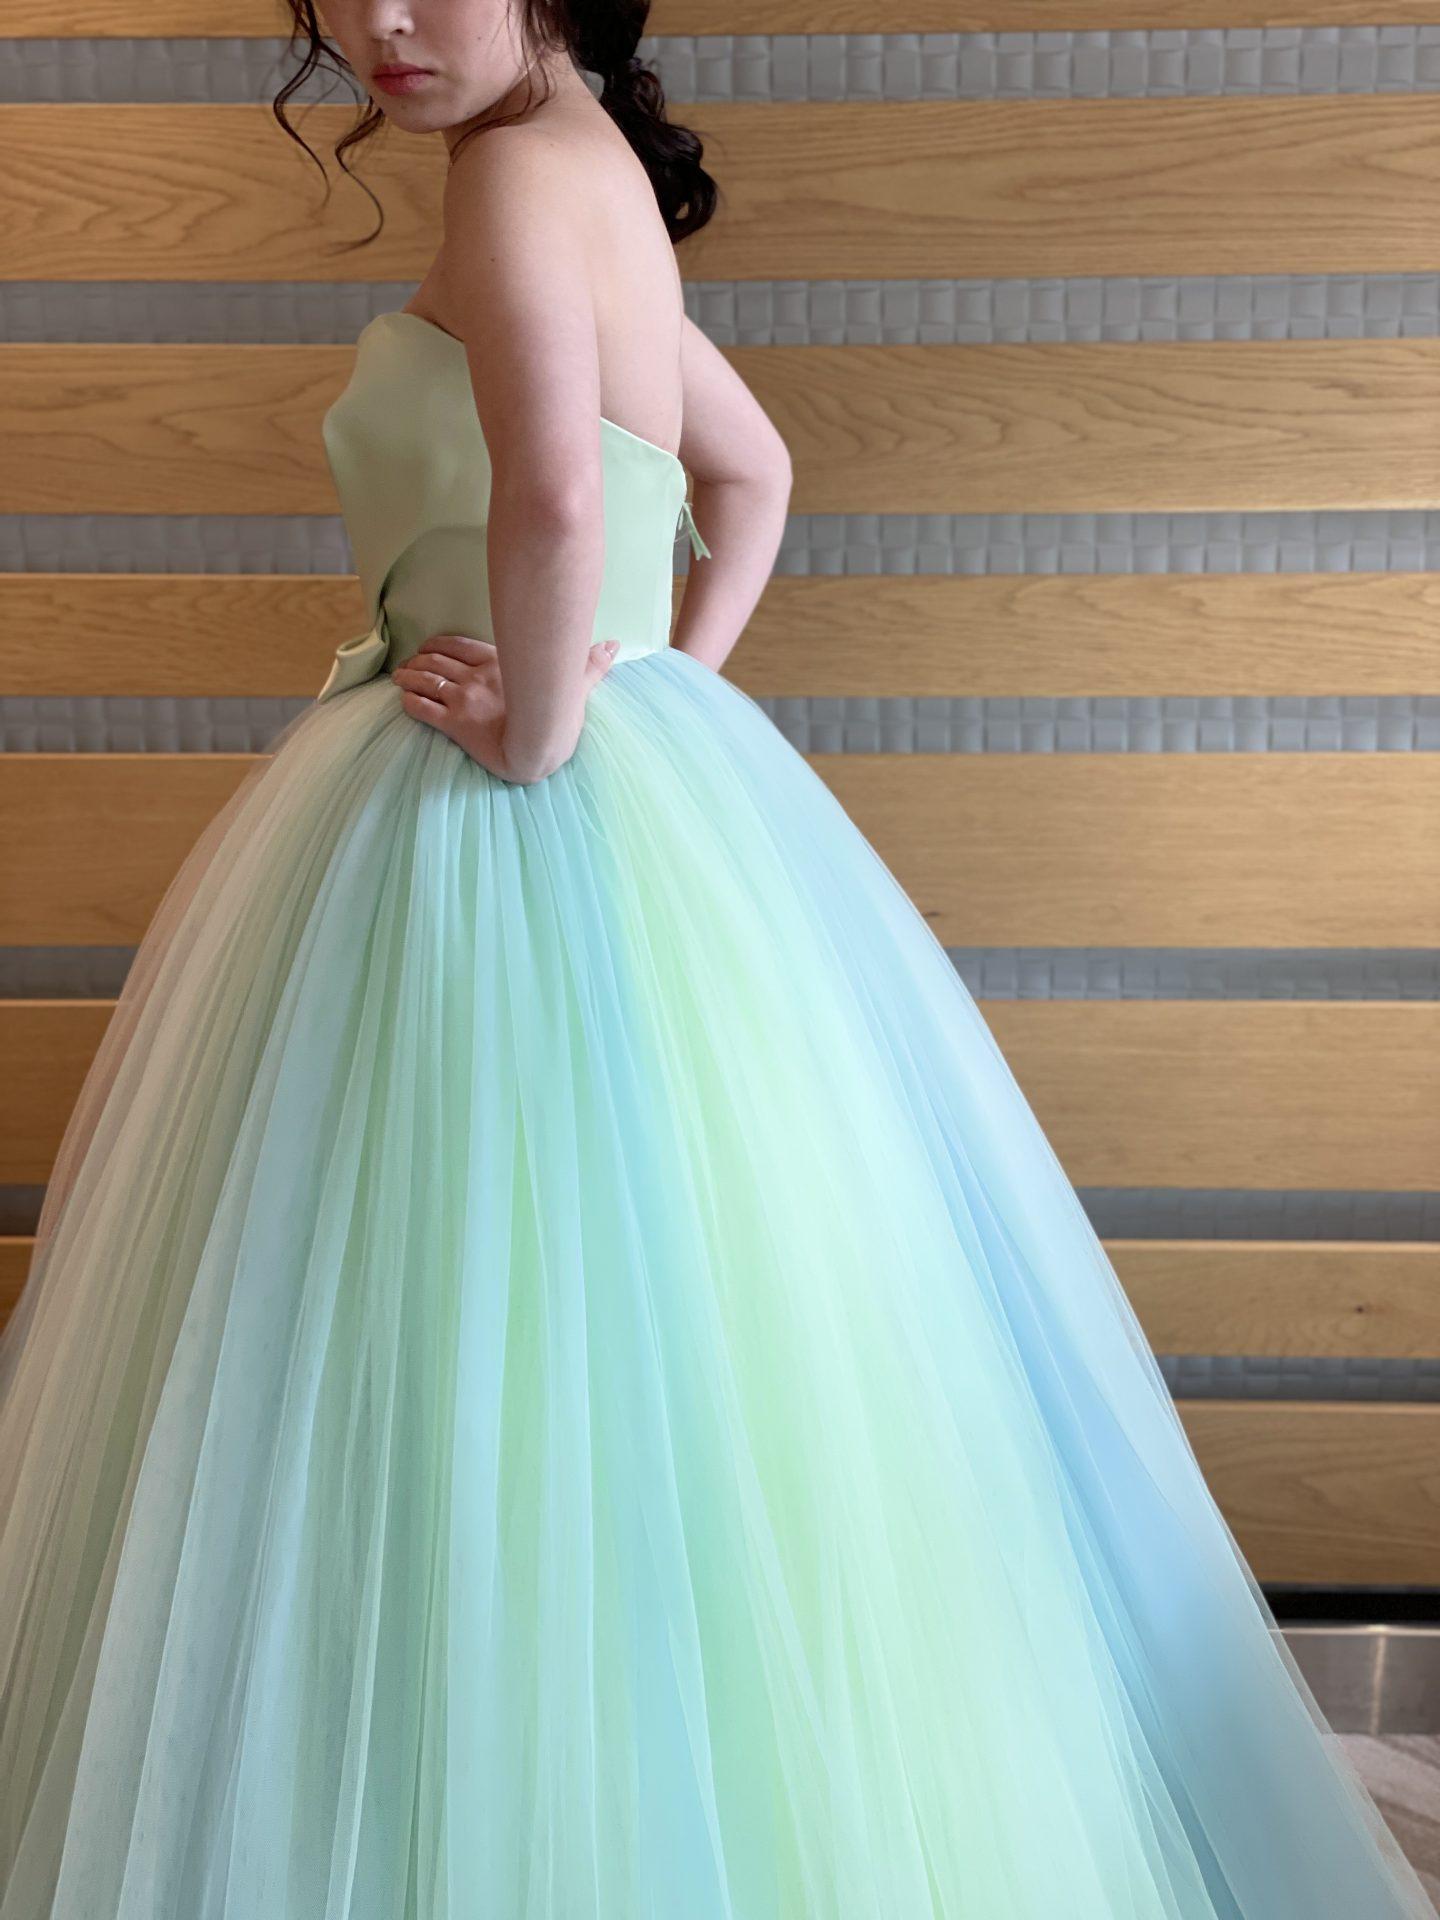 ザ・トリートドレッシングのプリンセスラインのカラードレスをお色直しでお召になる花嫁様